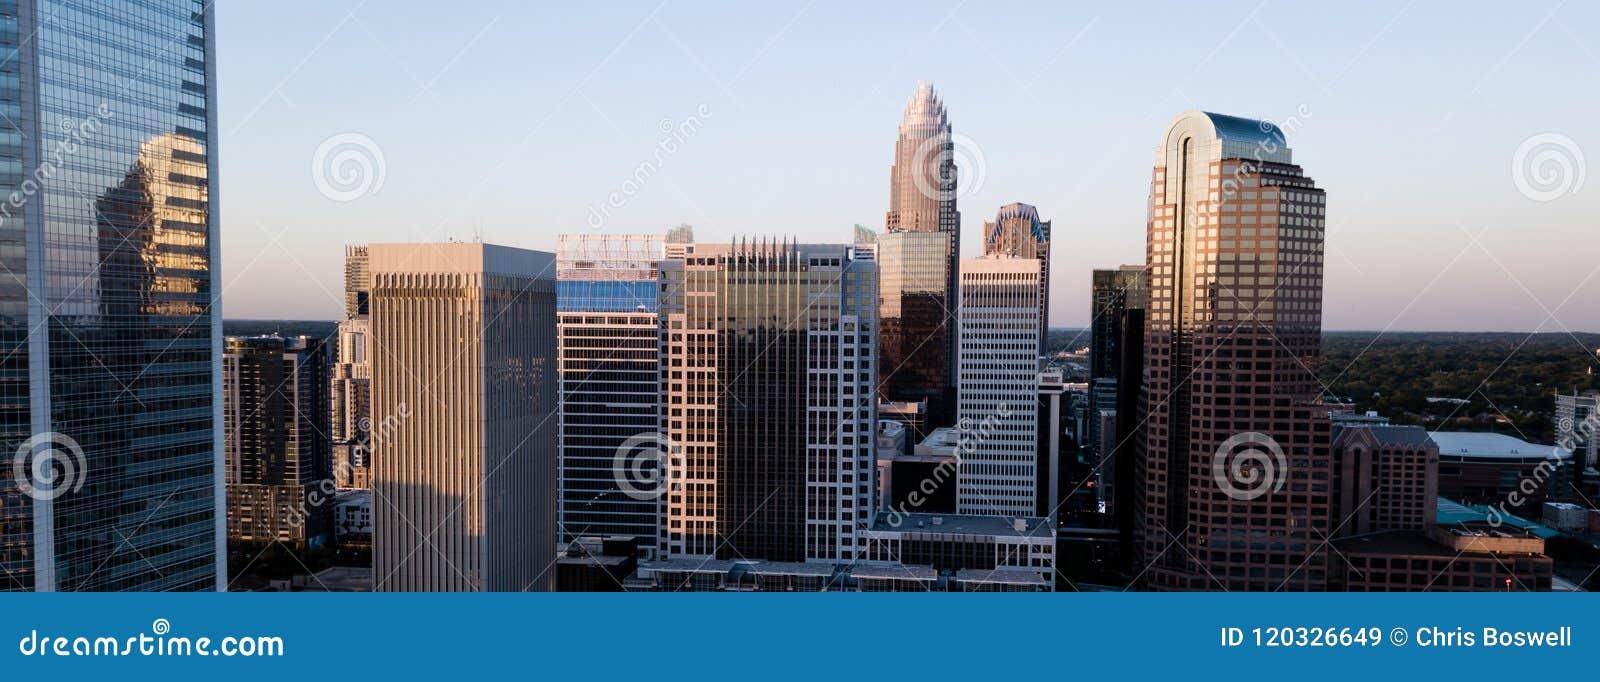 Vogelperspektive von ausgewählte Gebäude-im Stadtzentrum gelegenen Stadt-Skylinen von Charlotte